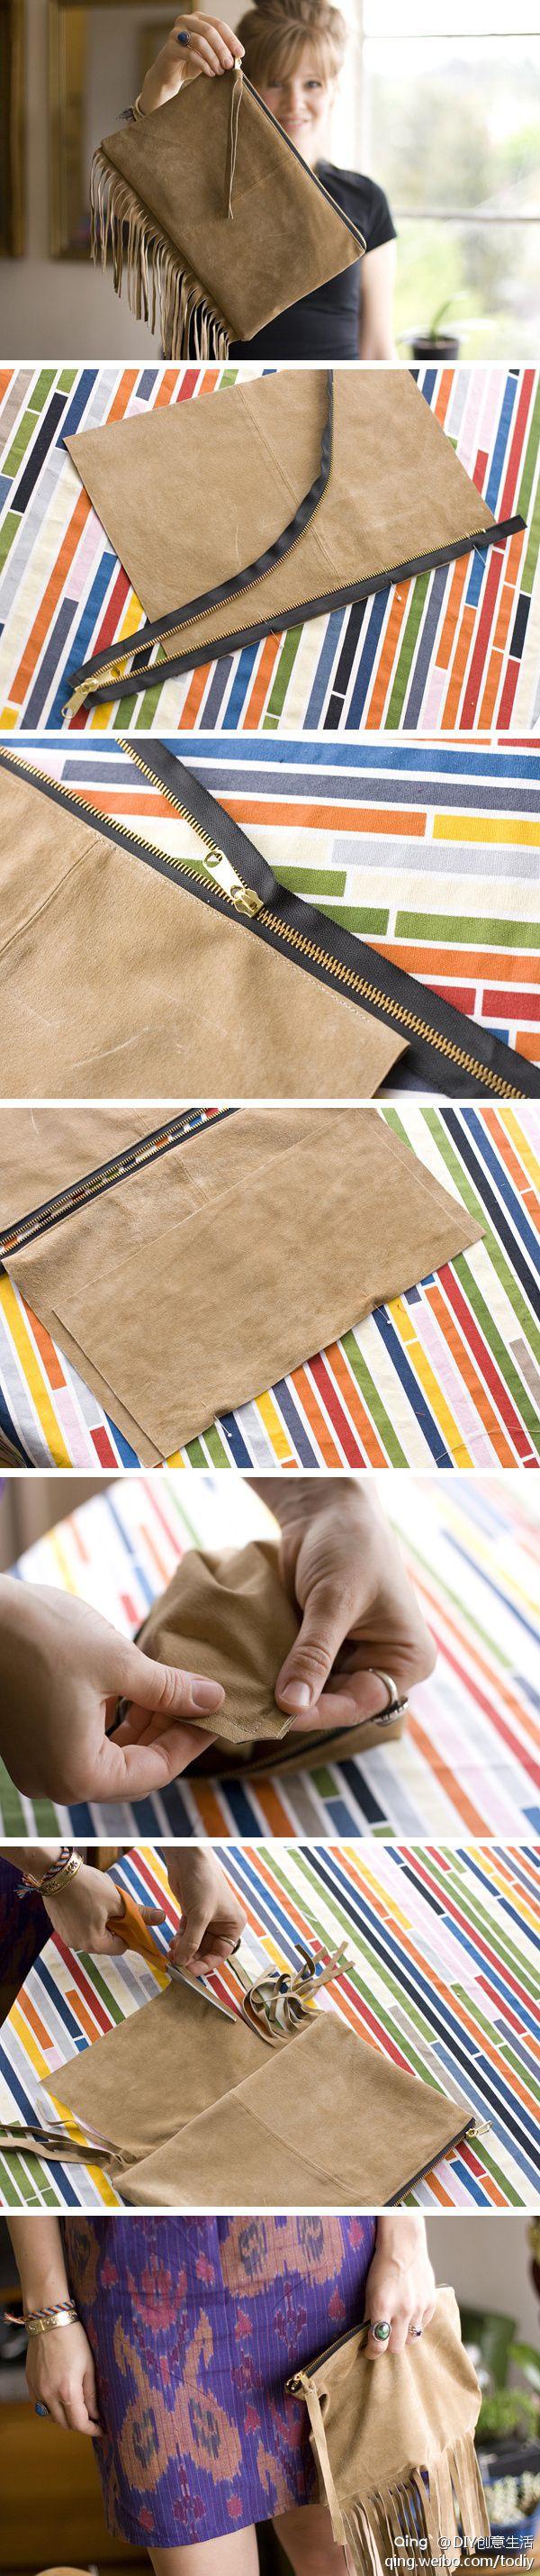 DIY Handbag,  Go To www.likegossip.com to get more Gossip News!